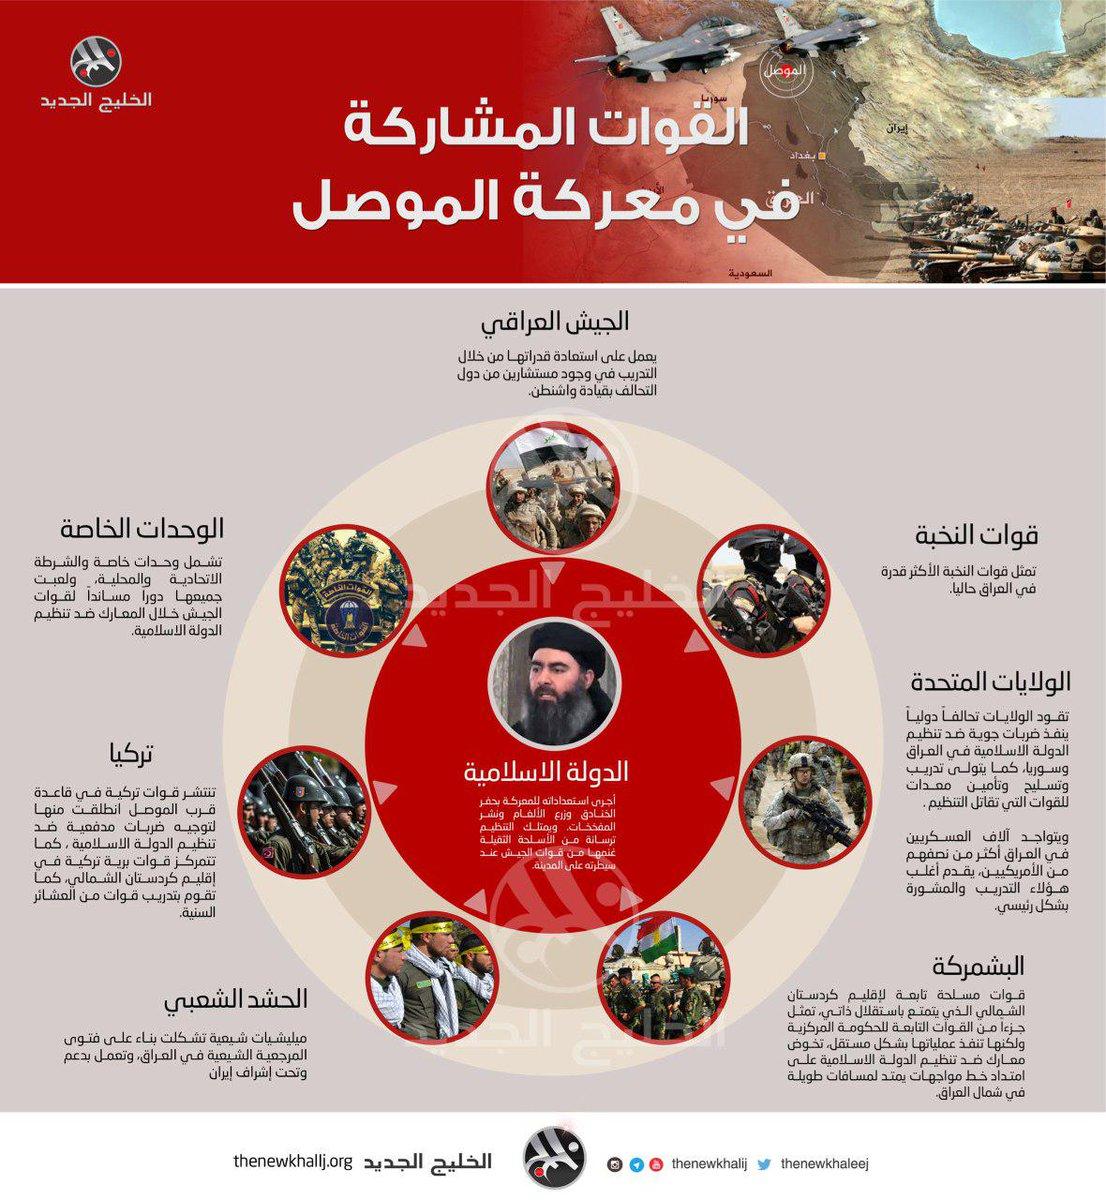 #الموصل: #الموصل